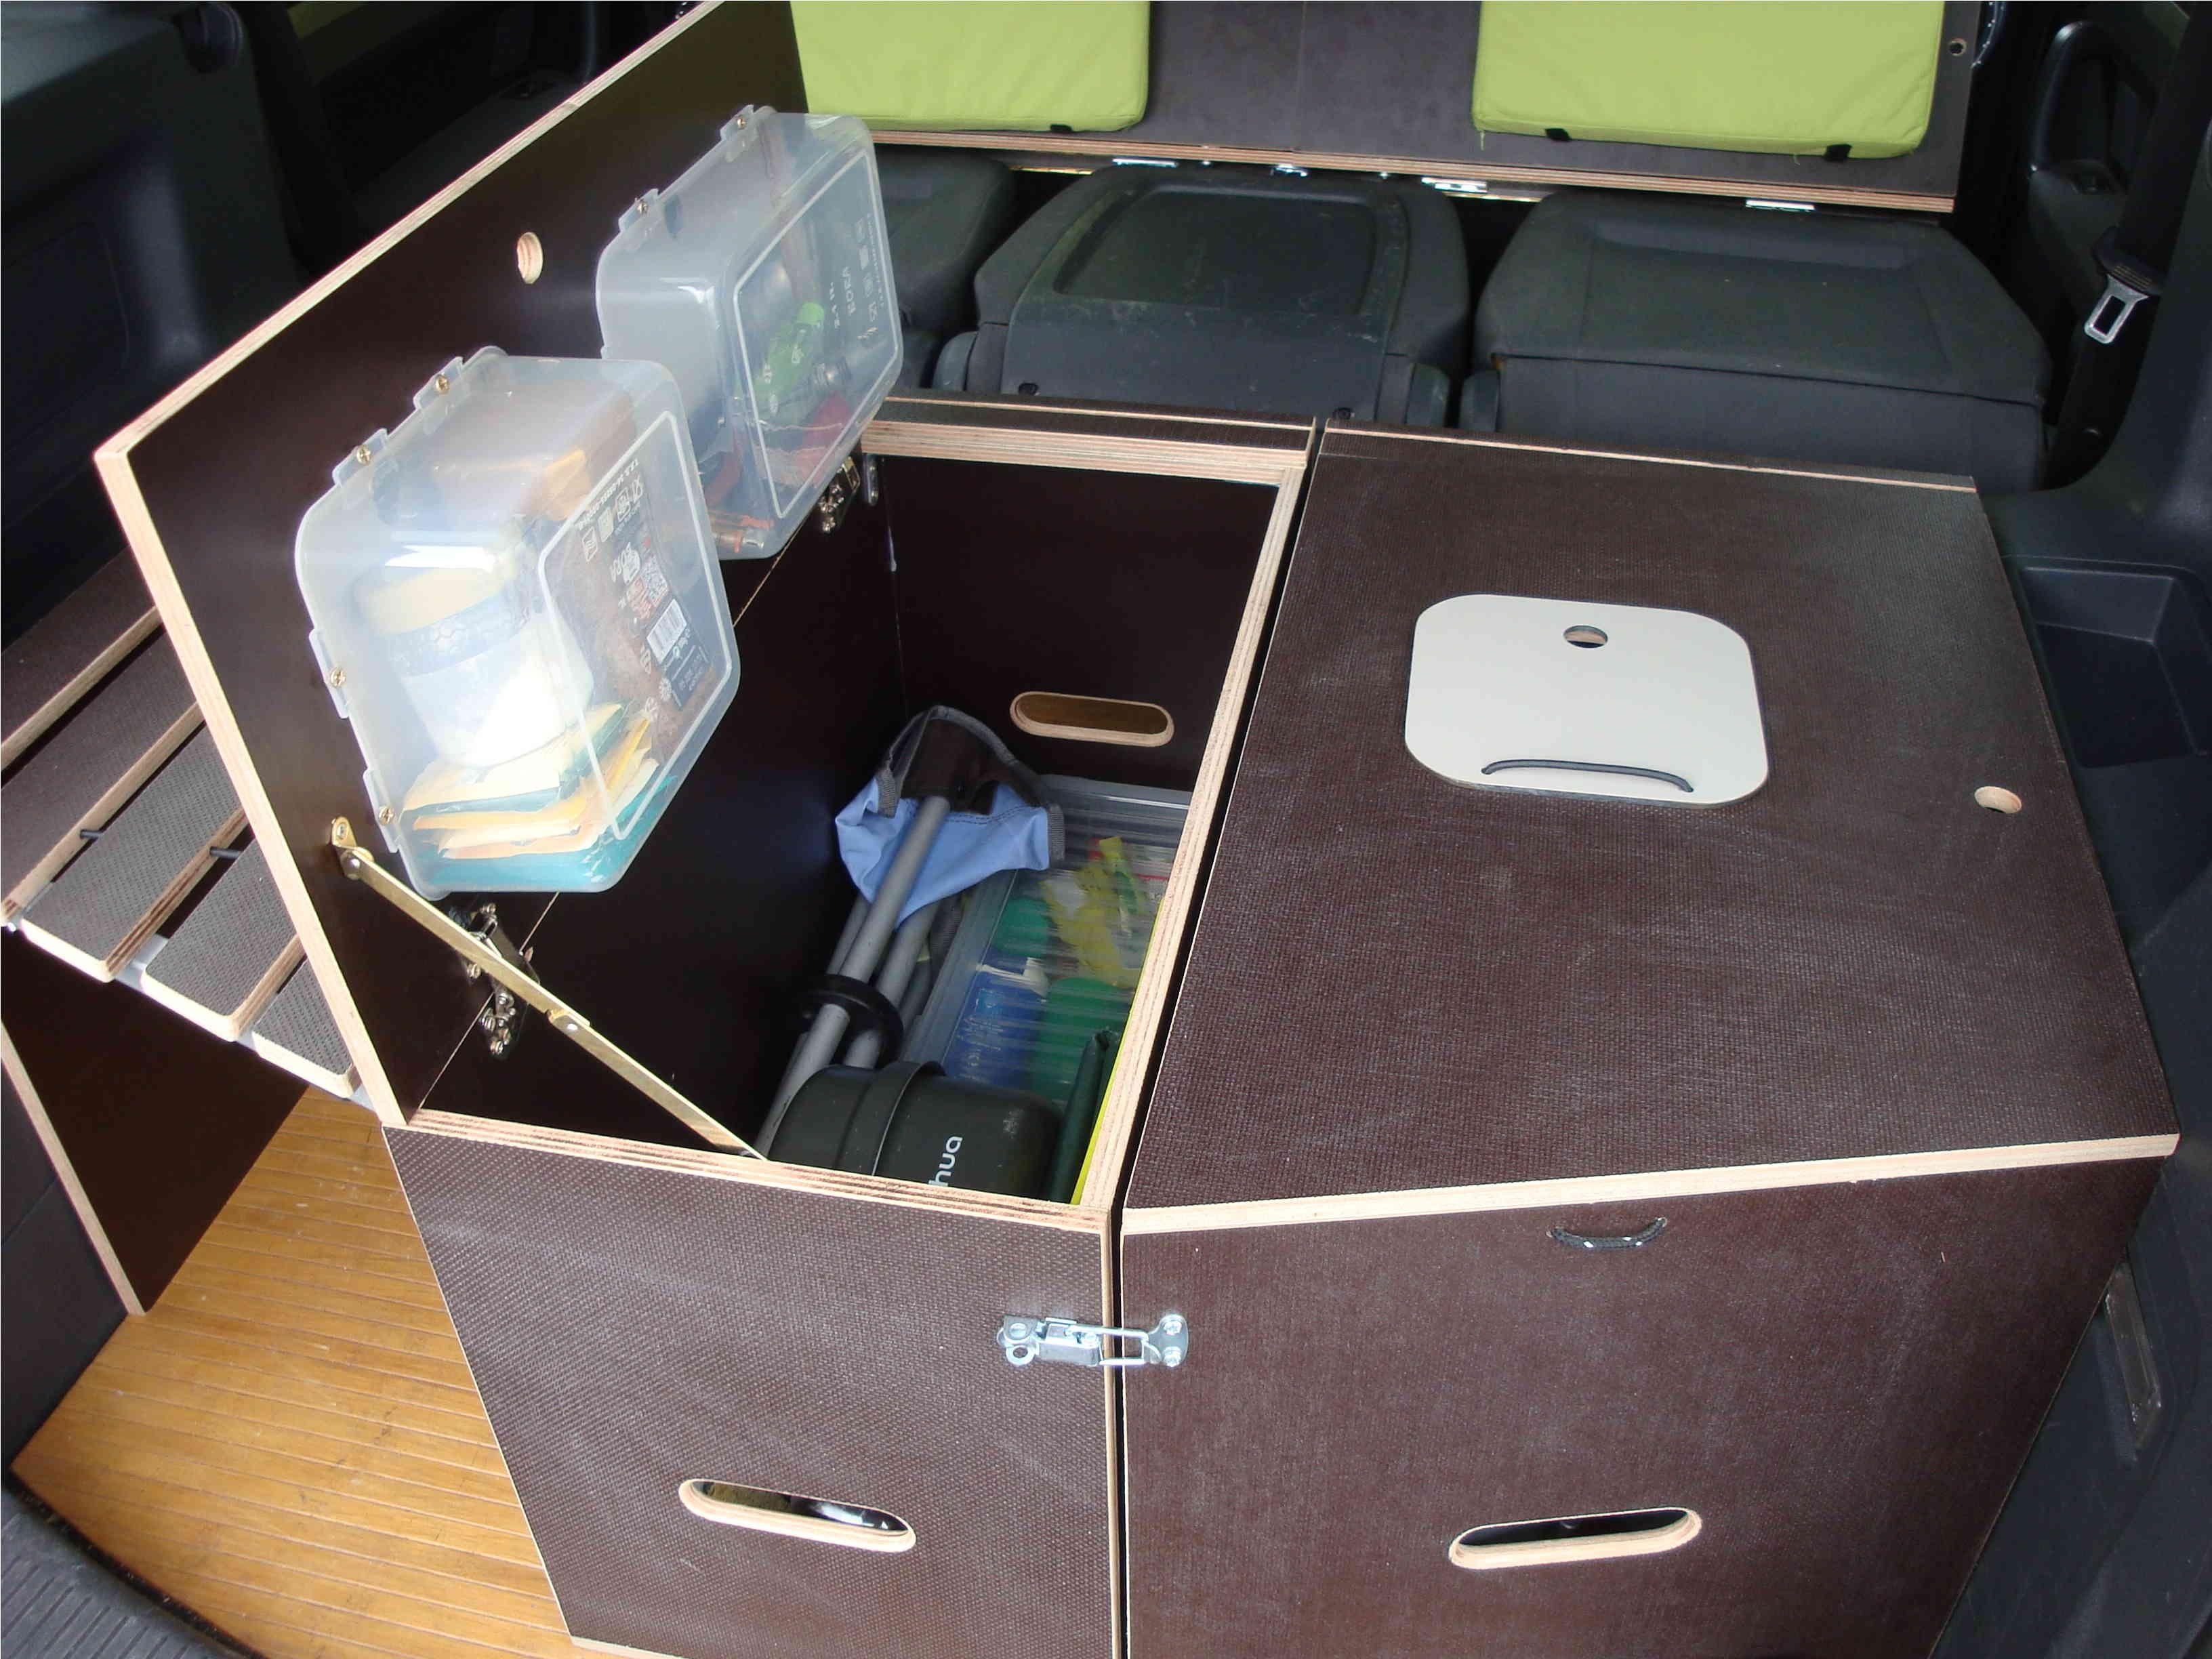 coffre rangement 1 kangoo pinterest van am nag coffre de rangement et coffre. Black Bedroom Furniture Sets. Home Design Ideas